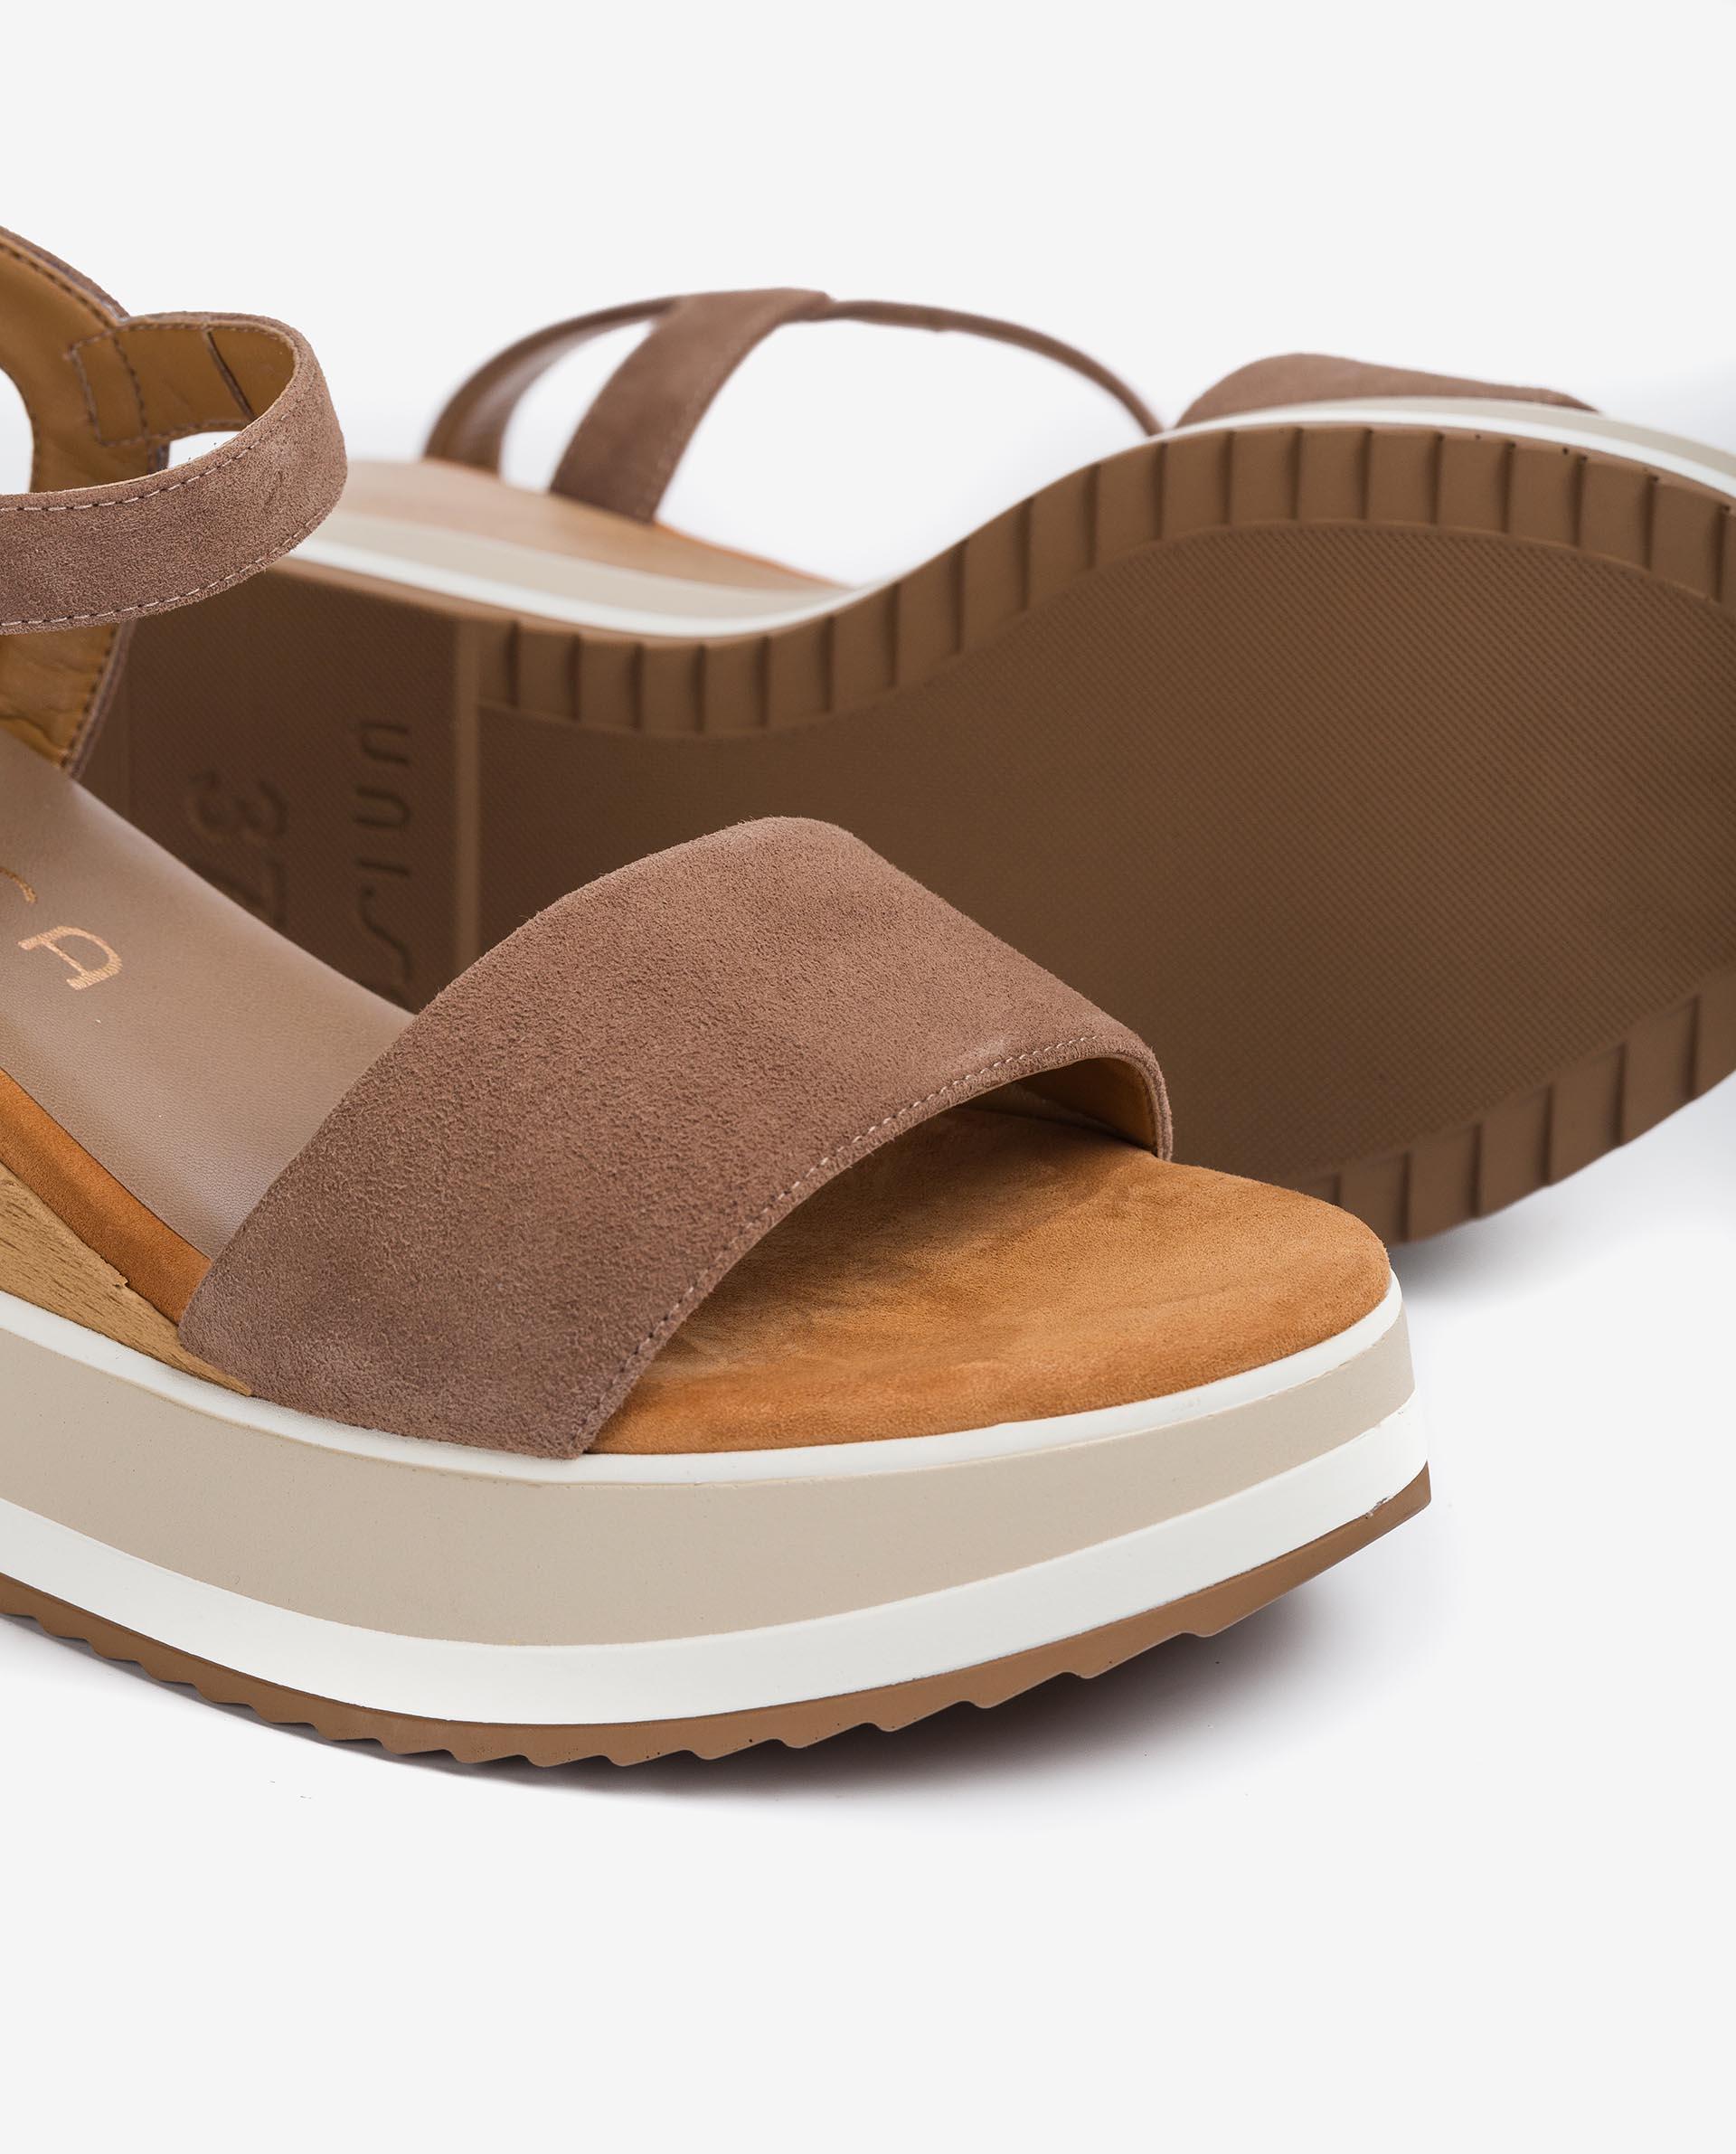 UNISA Kid suede wedge sandals KOLLA_KS 2